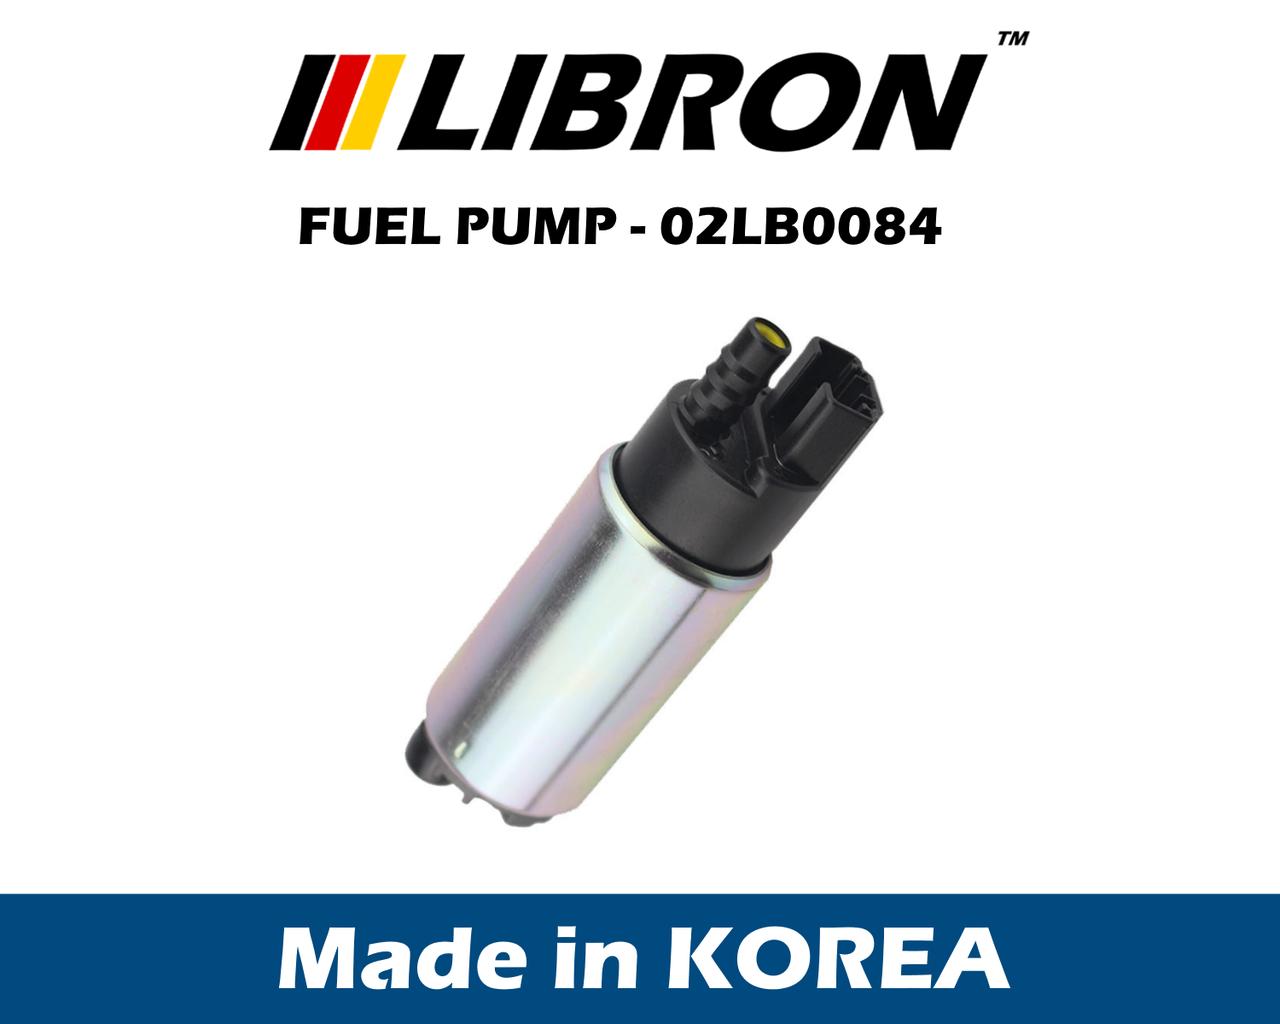 Топливный насос LIBRON 02LB0084 - Киа Шума